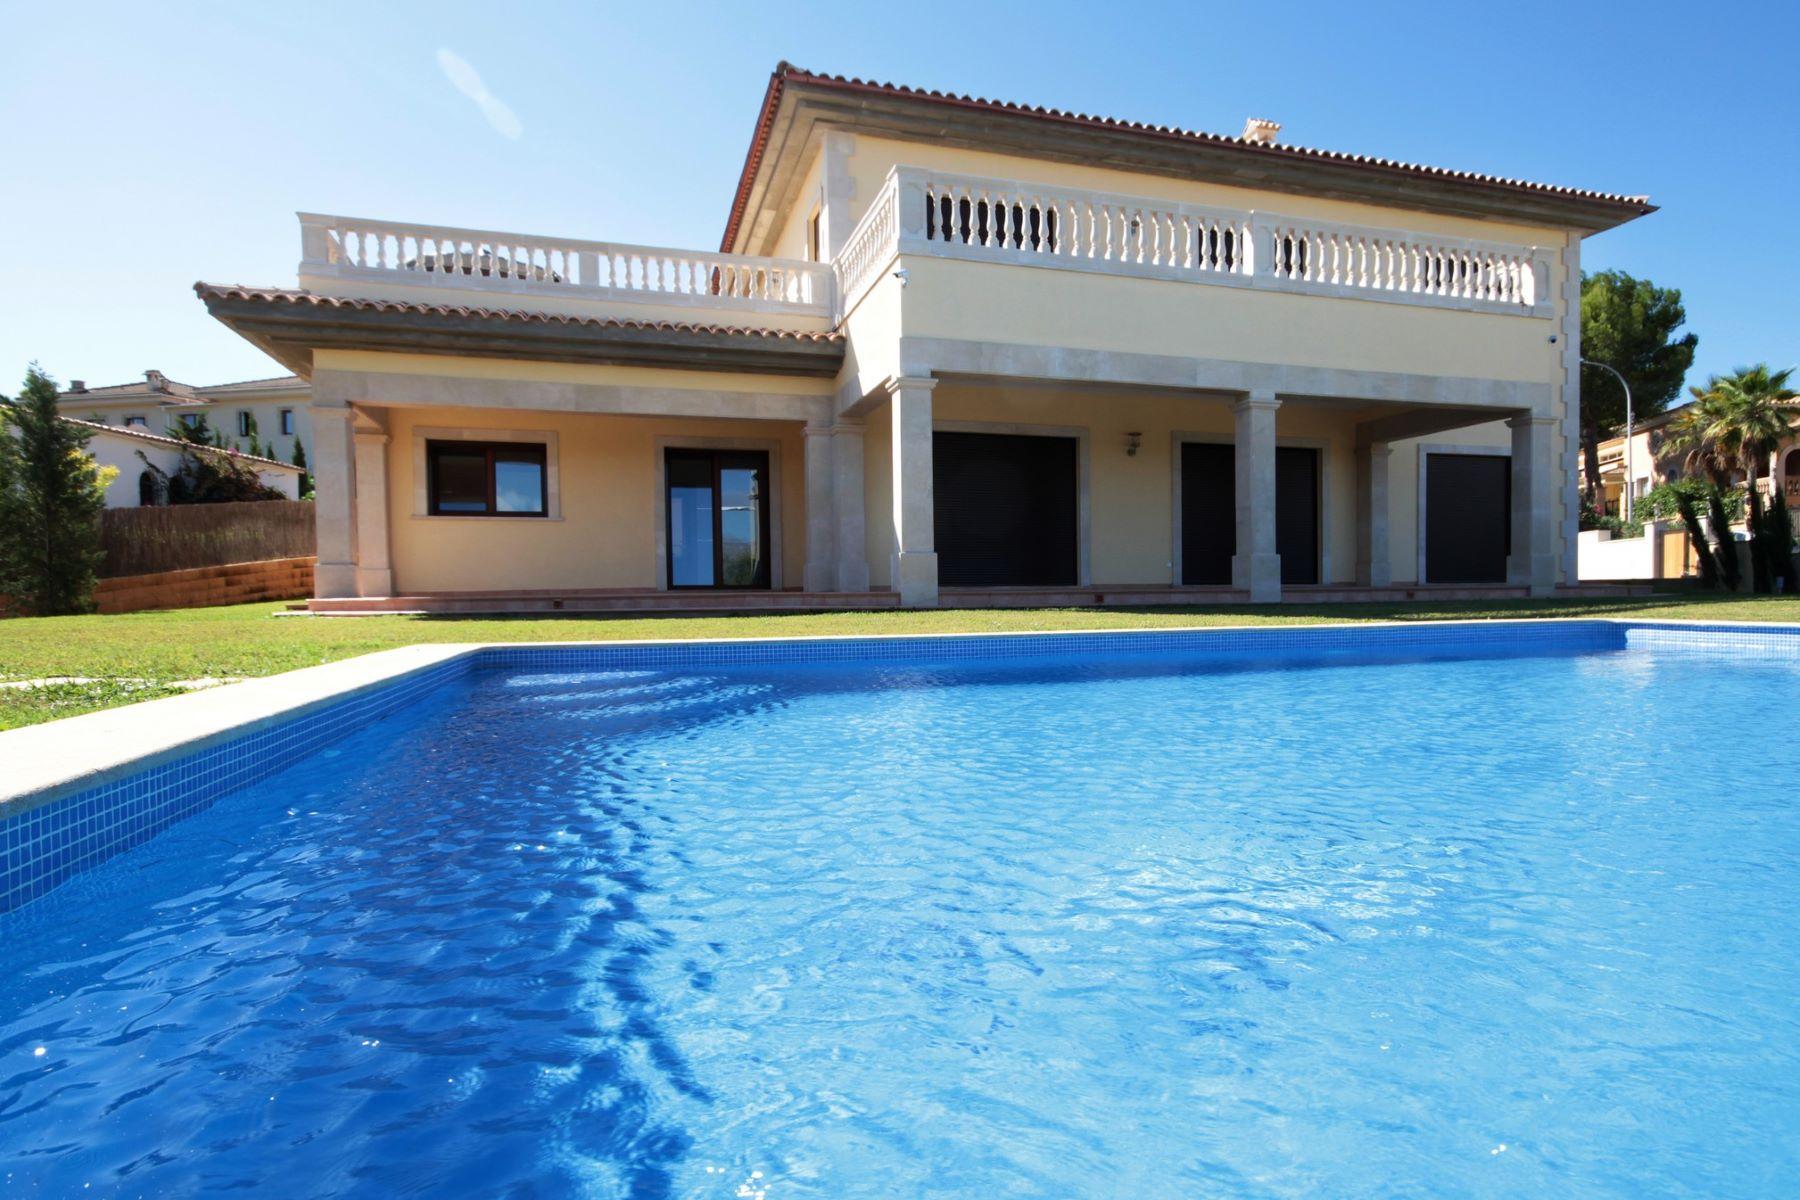 واحد منزل الأسرة للـ Sale في Mediterranean villa in Santa Ponsa Santa Ponsa, Balearic Islands, Spain